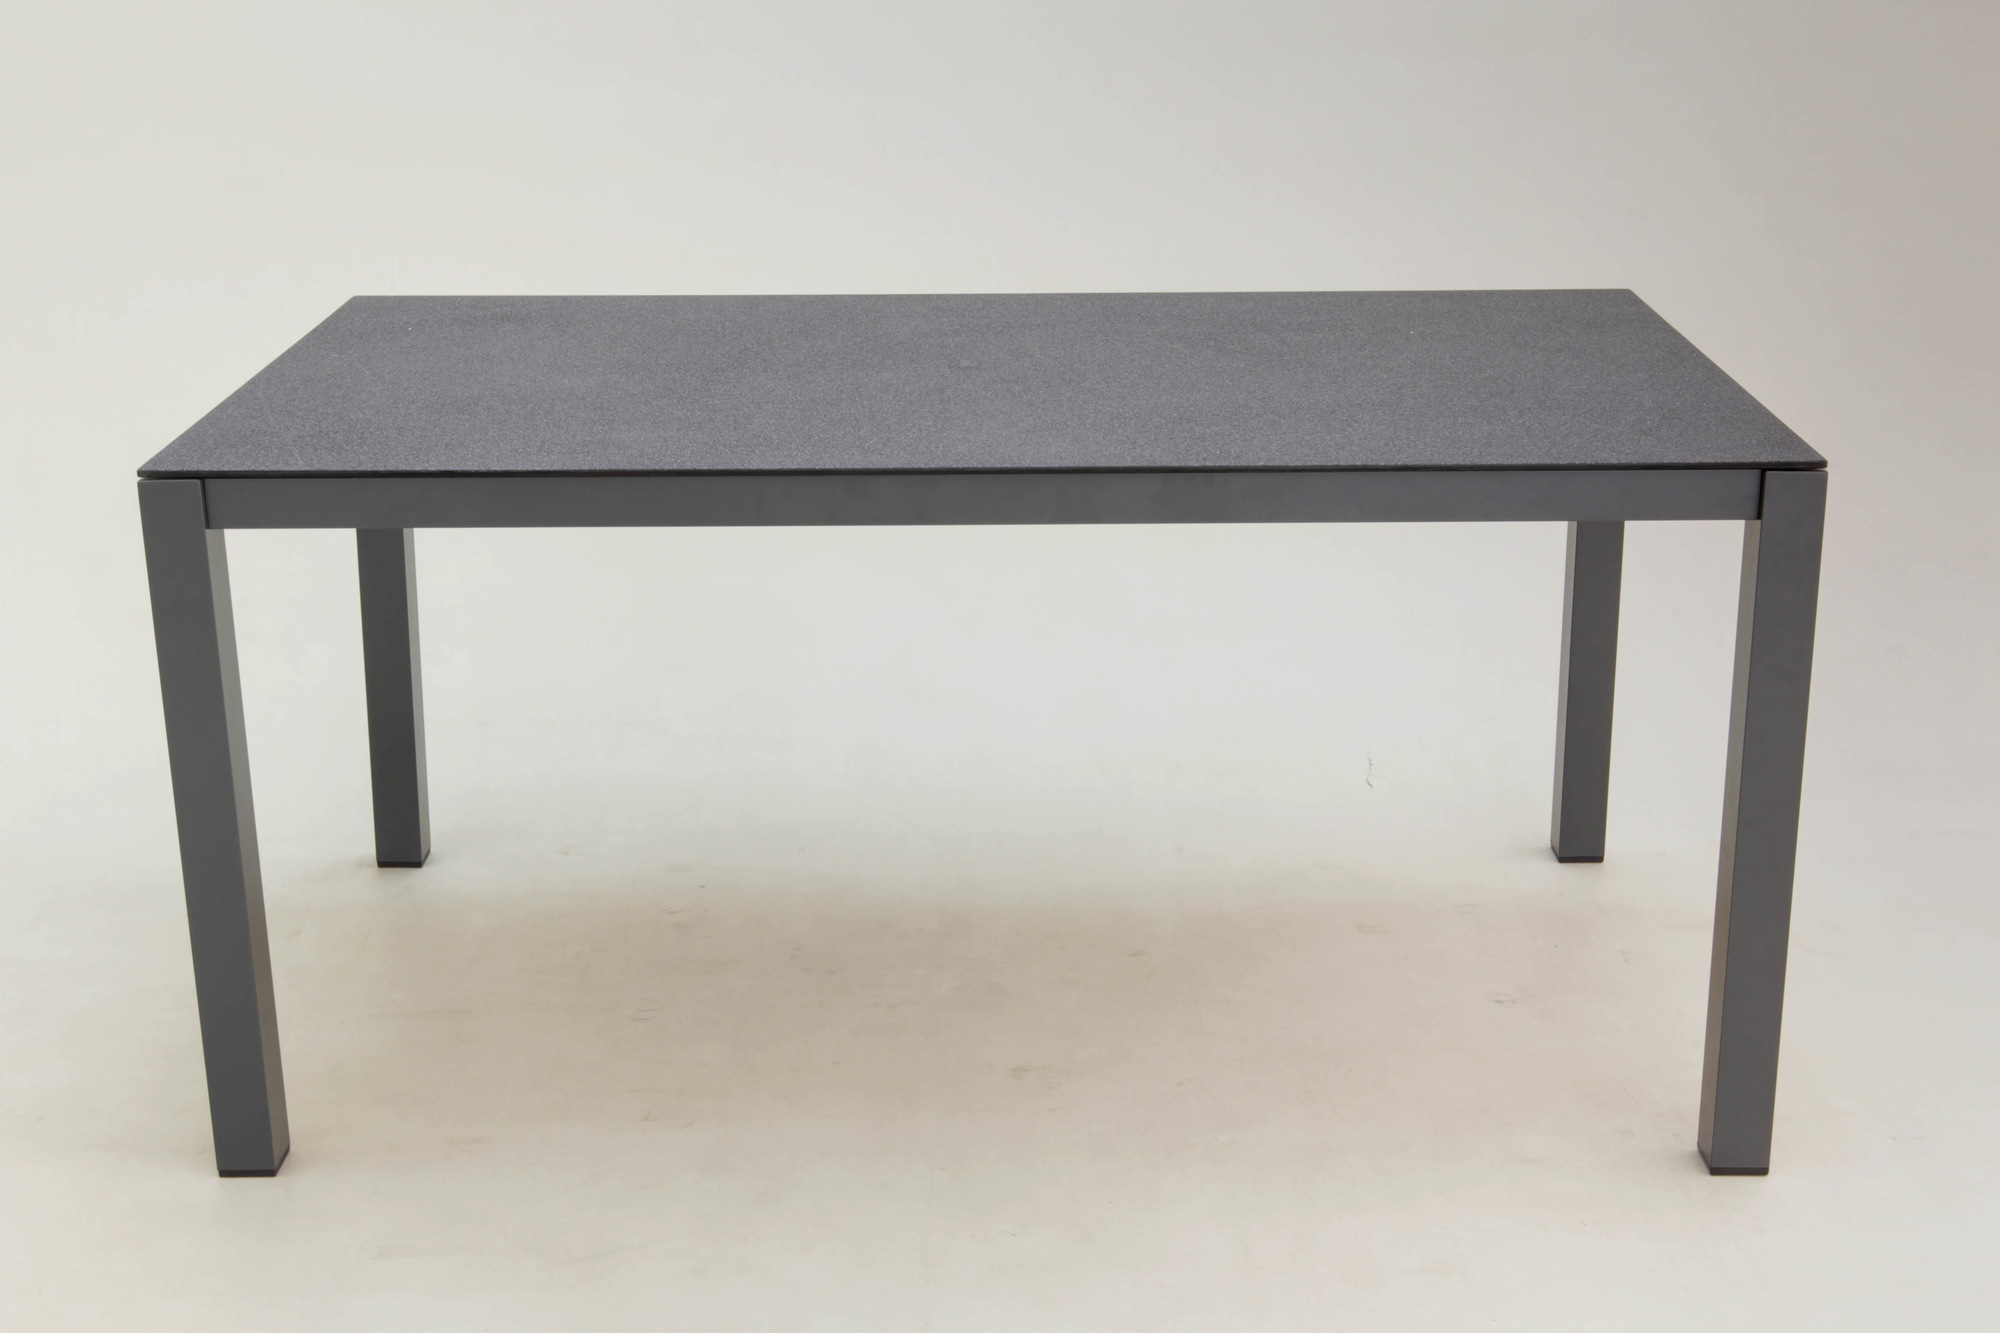 1539165398-gartenmoebel-160x90cm-alutisch-vido.jpg